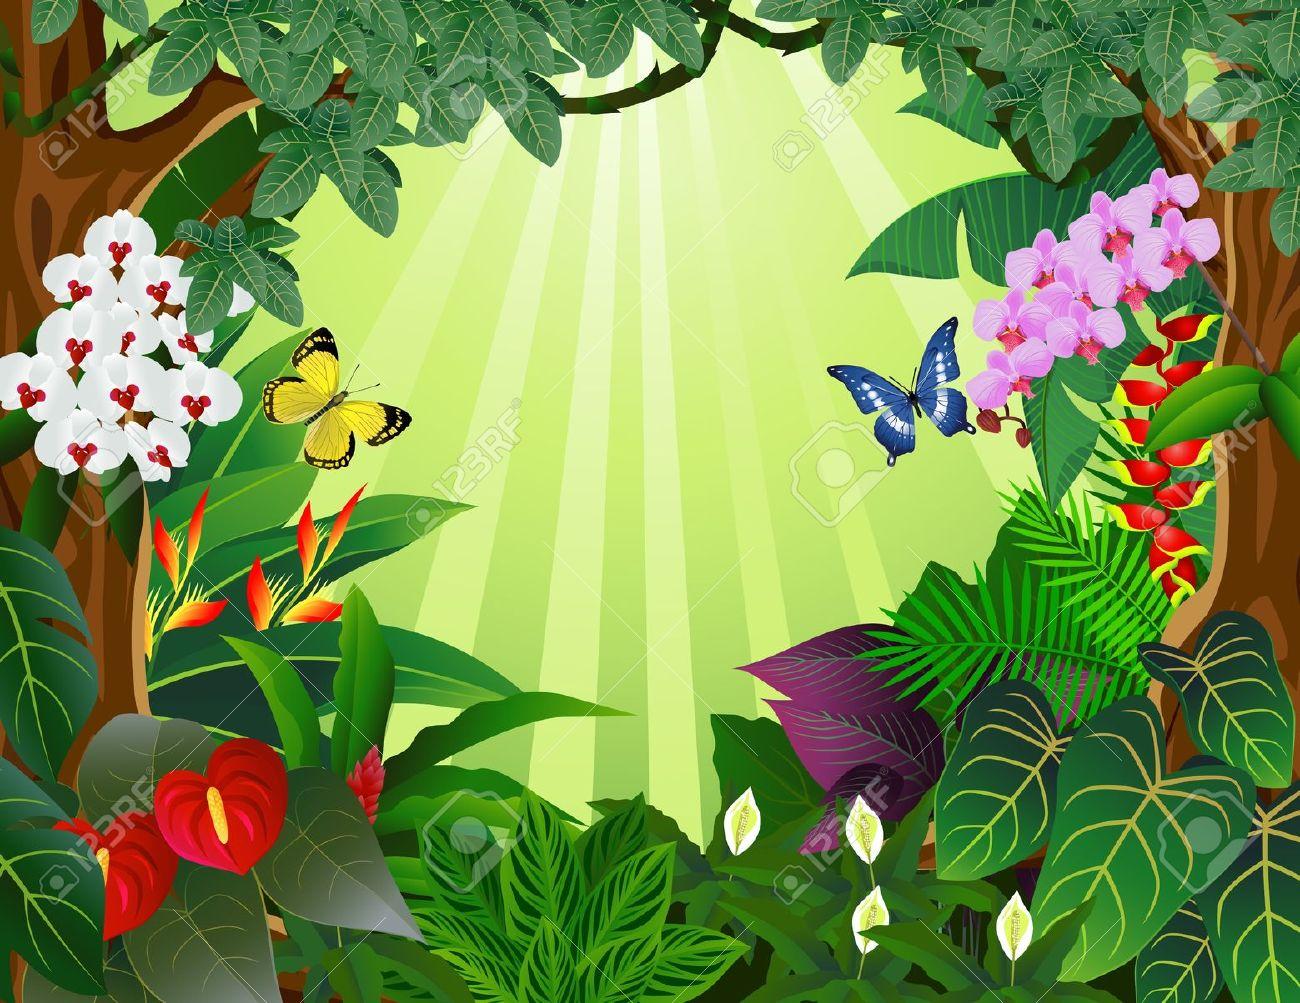 Tropical Rainforest Clipart & Tropical Rainforest Clip Art Images.